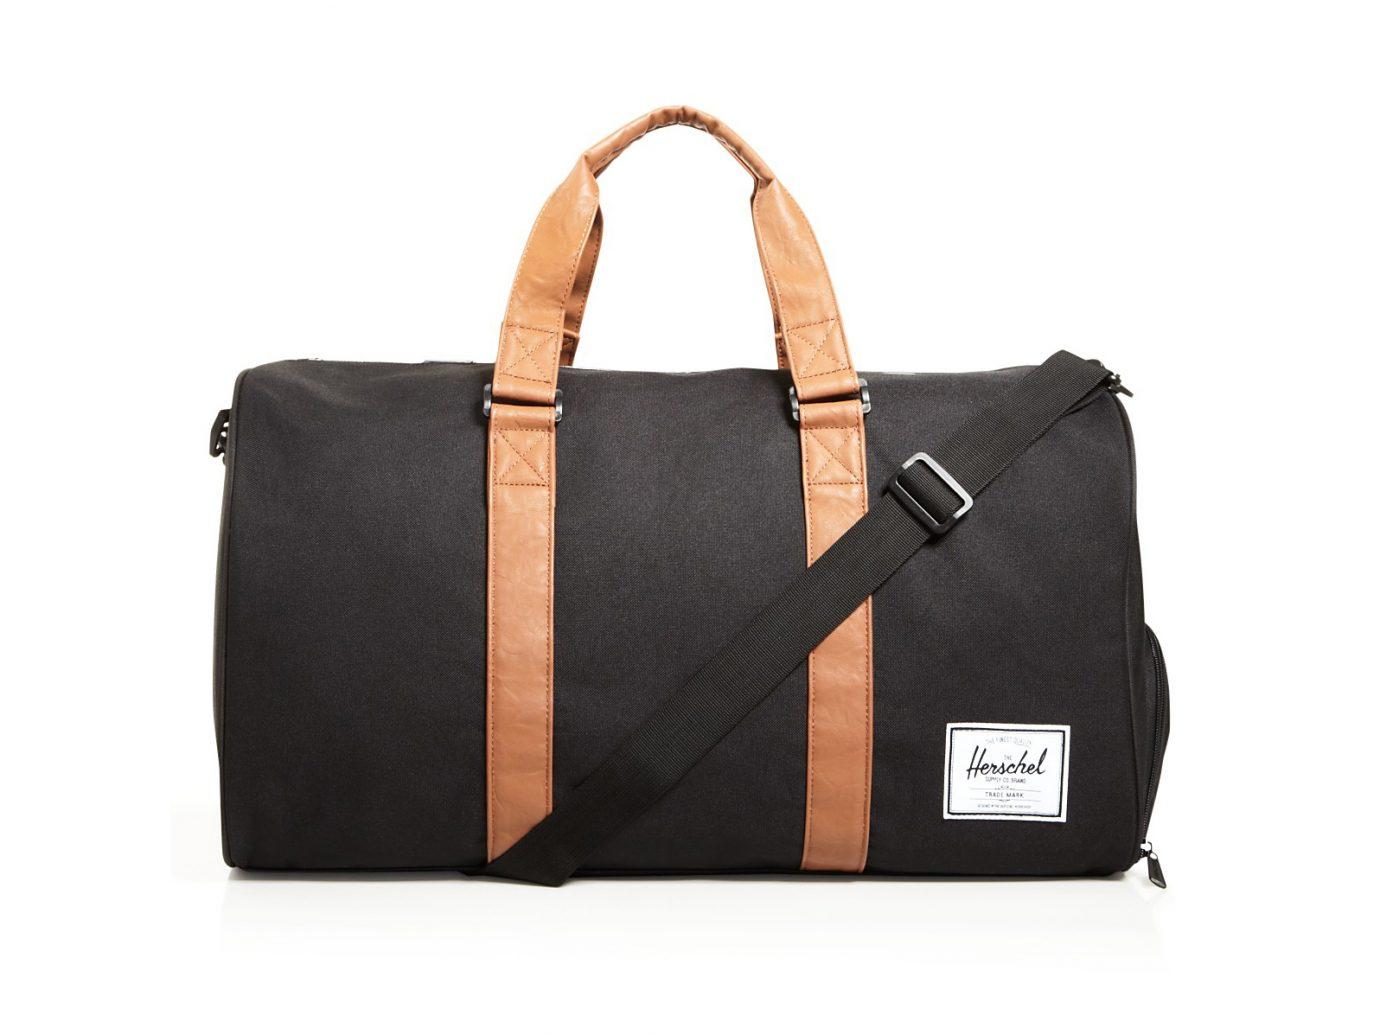 Best Weekend Bags Herschel Supply Co. Novel Duffel Bag